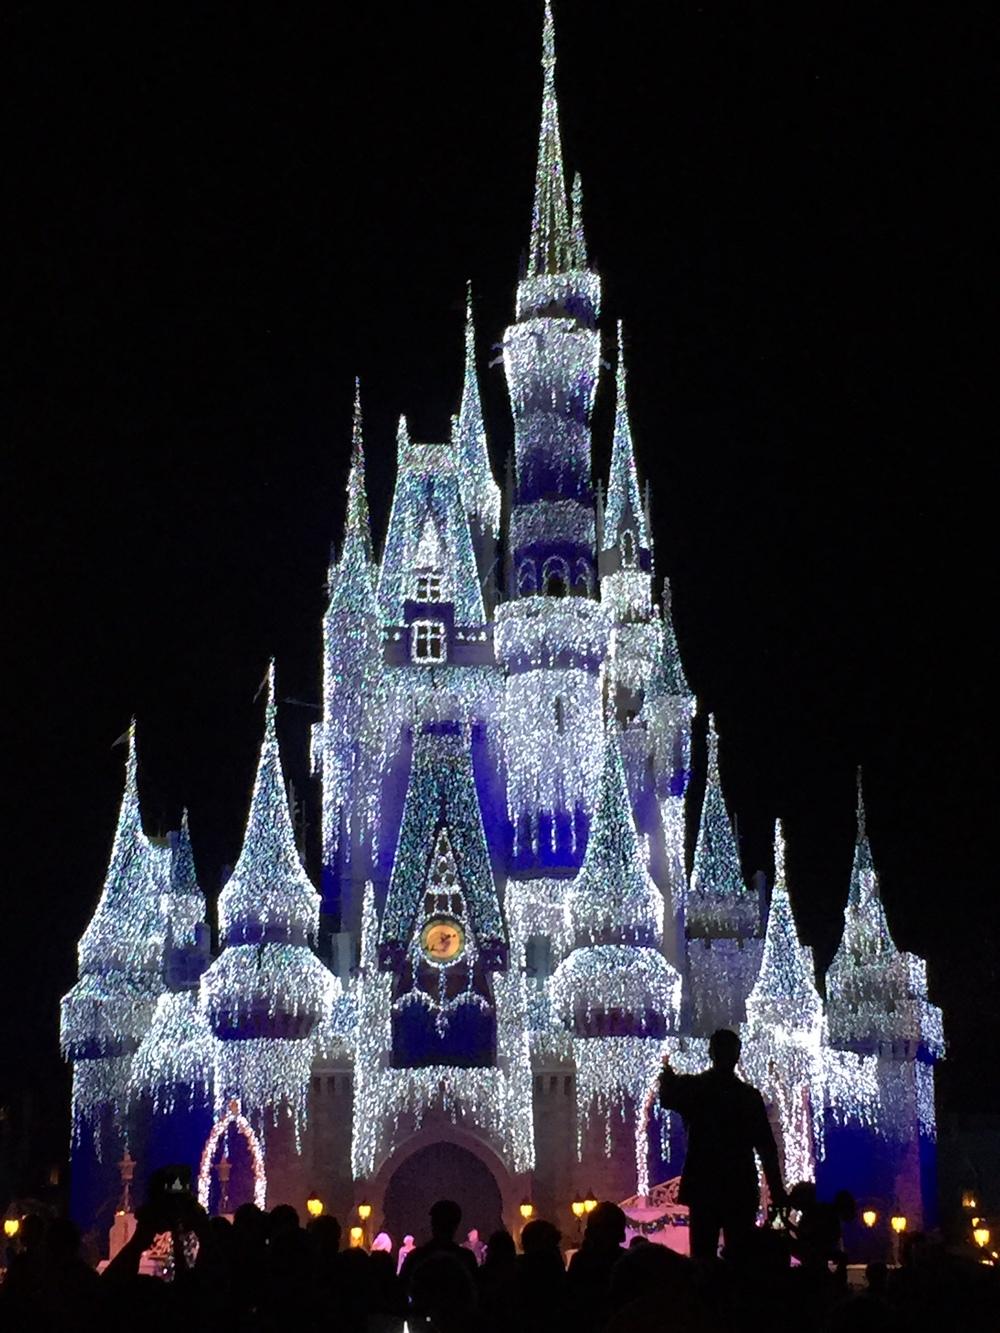 Disney, Cinderella Castle, Walt Disney World, Orlando, Florida, Magic Kingdom